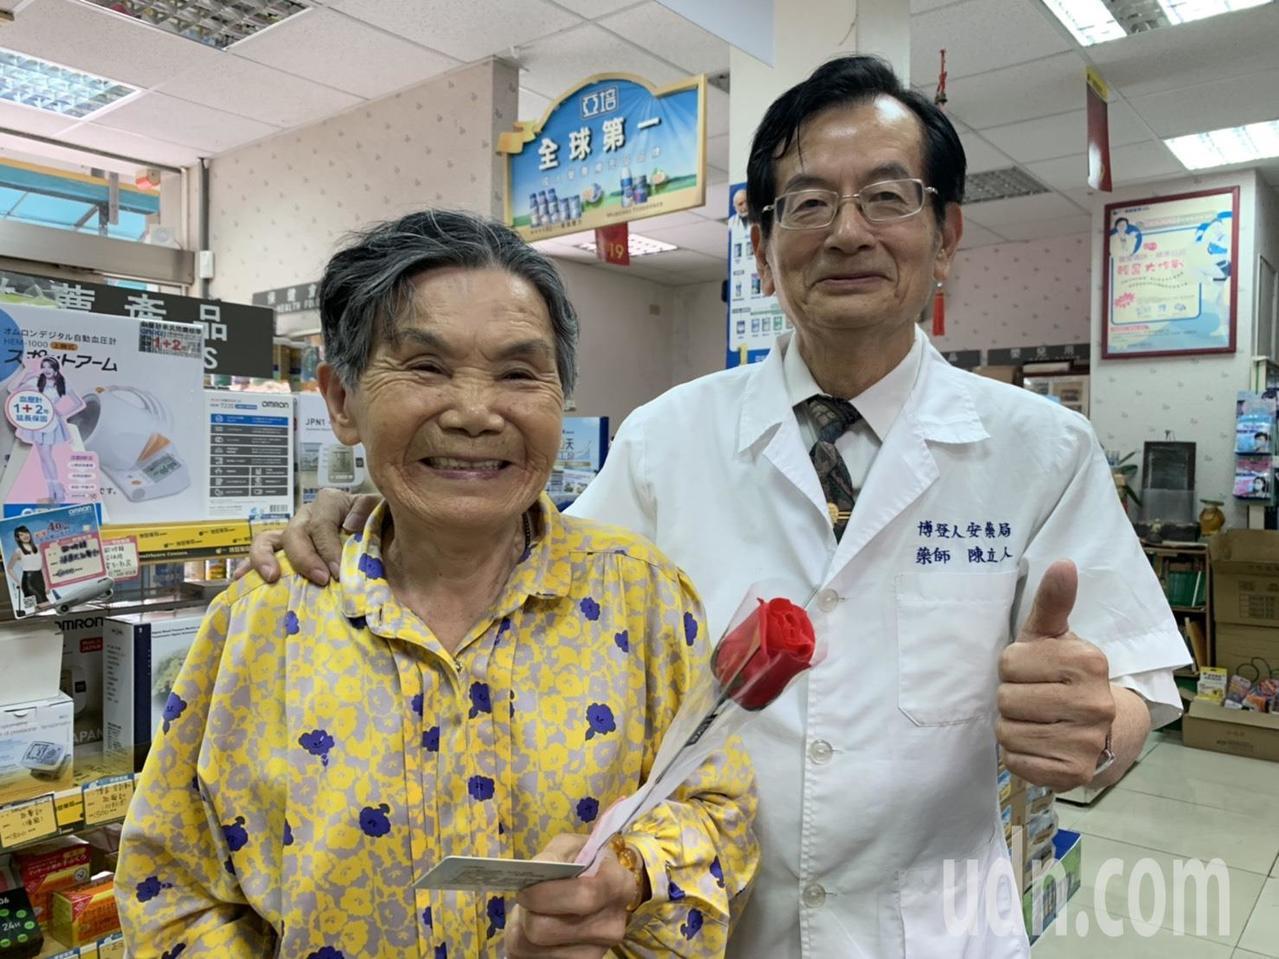 北台南家扶扶幼委員陳立人藥師(右)送母親節花給到藥房的媽媽。記者吳淑玲/攝影